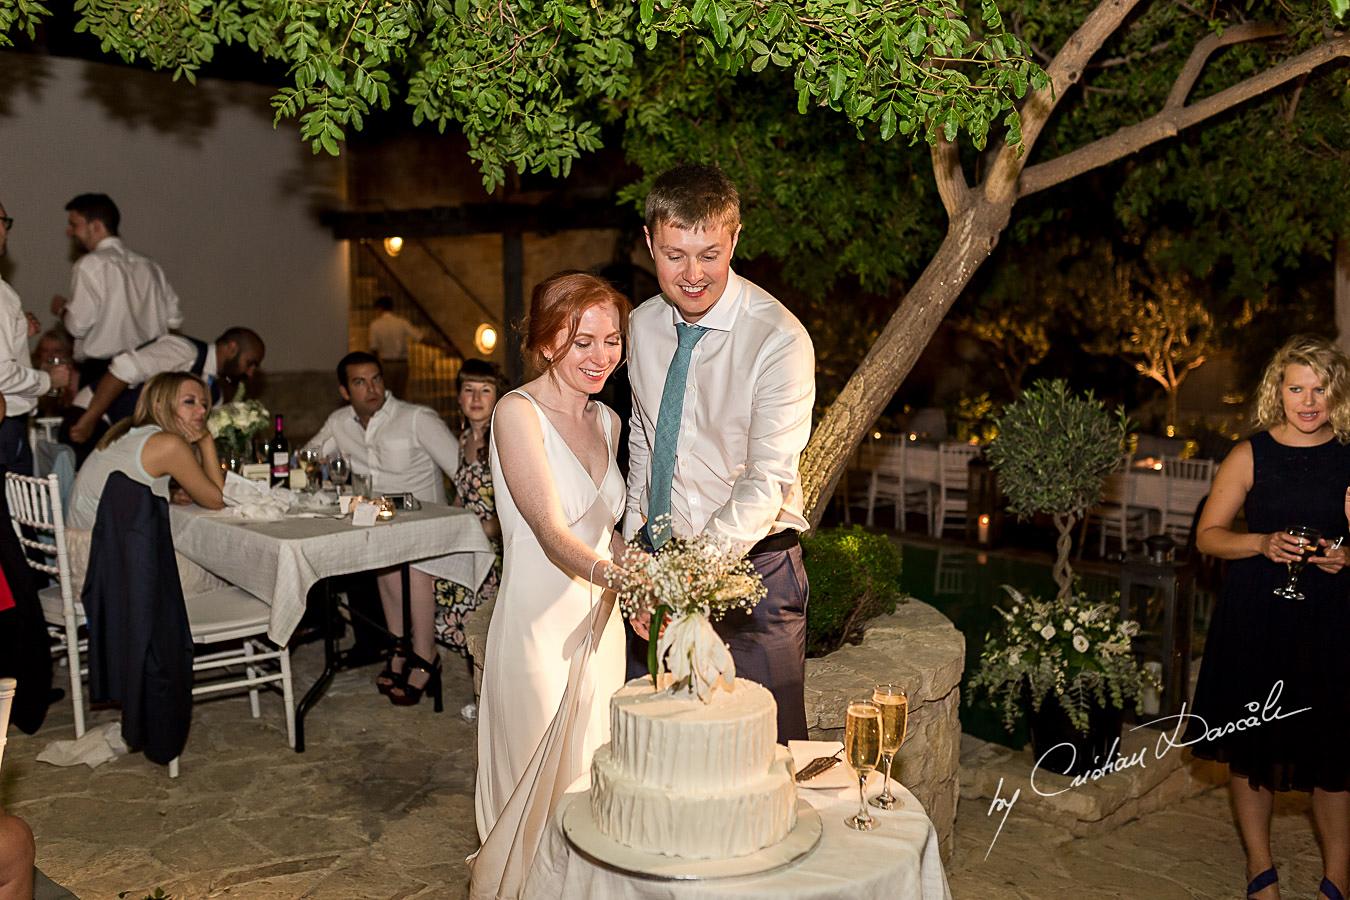 Wedding Celebration at Apokryfo - 108